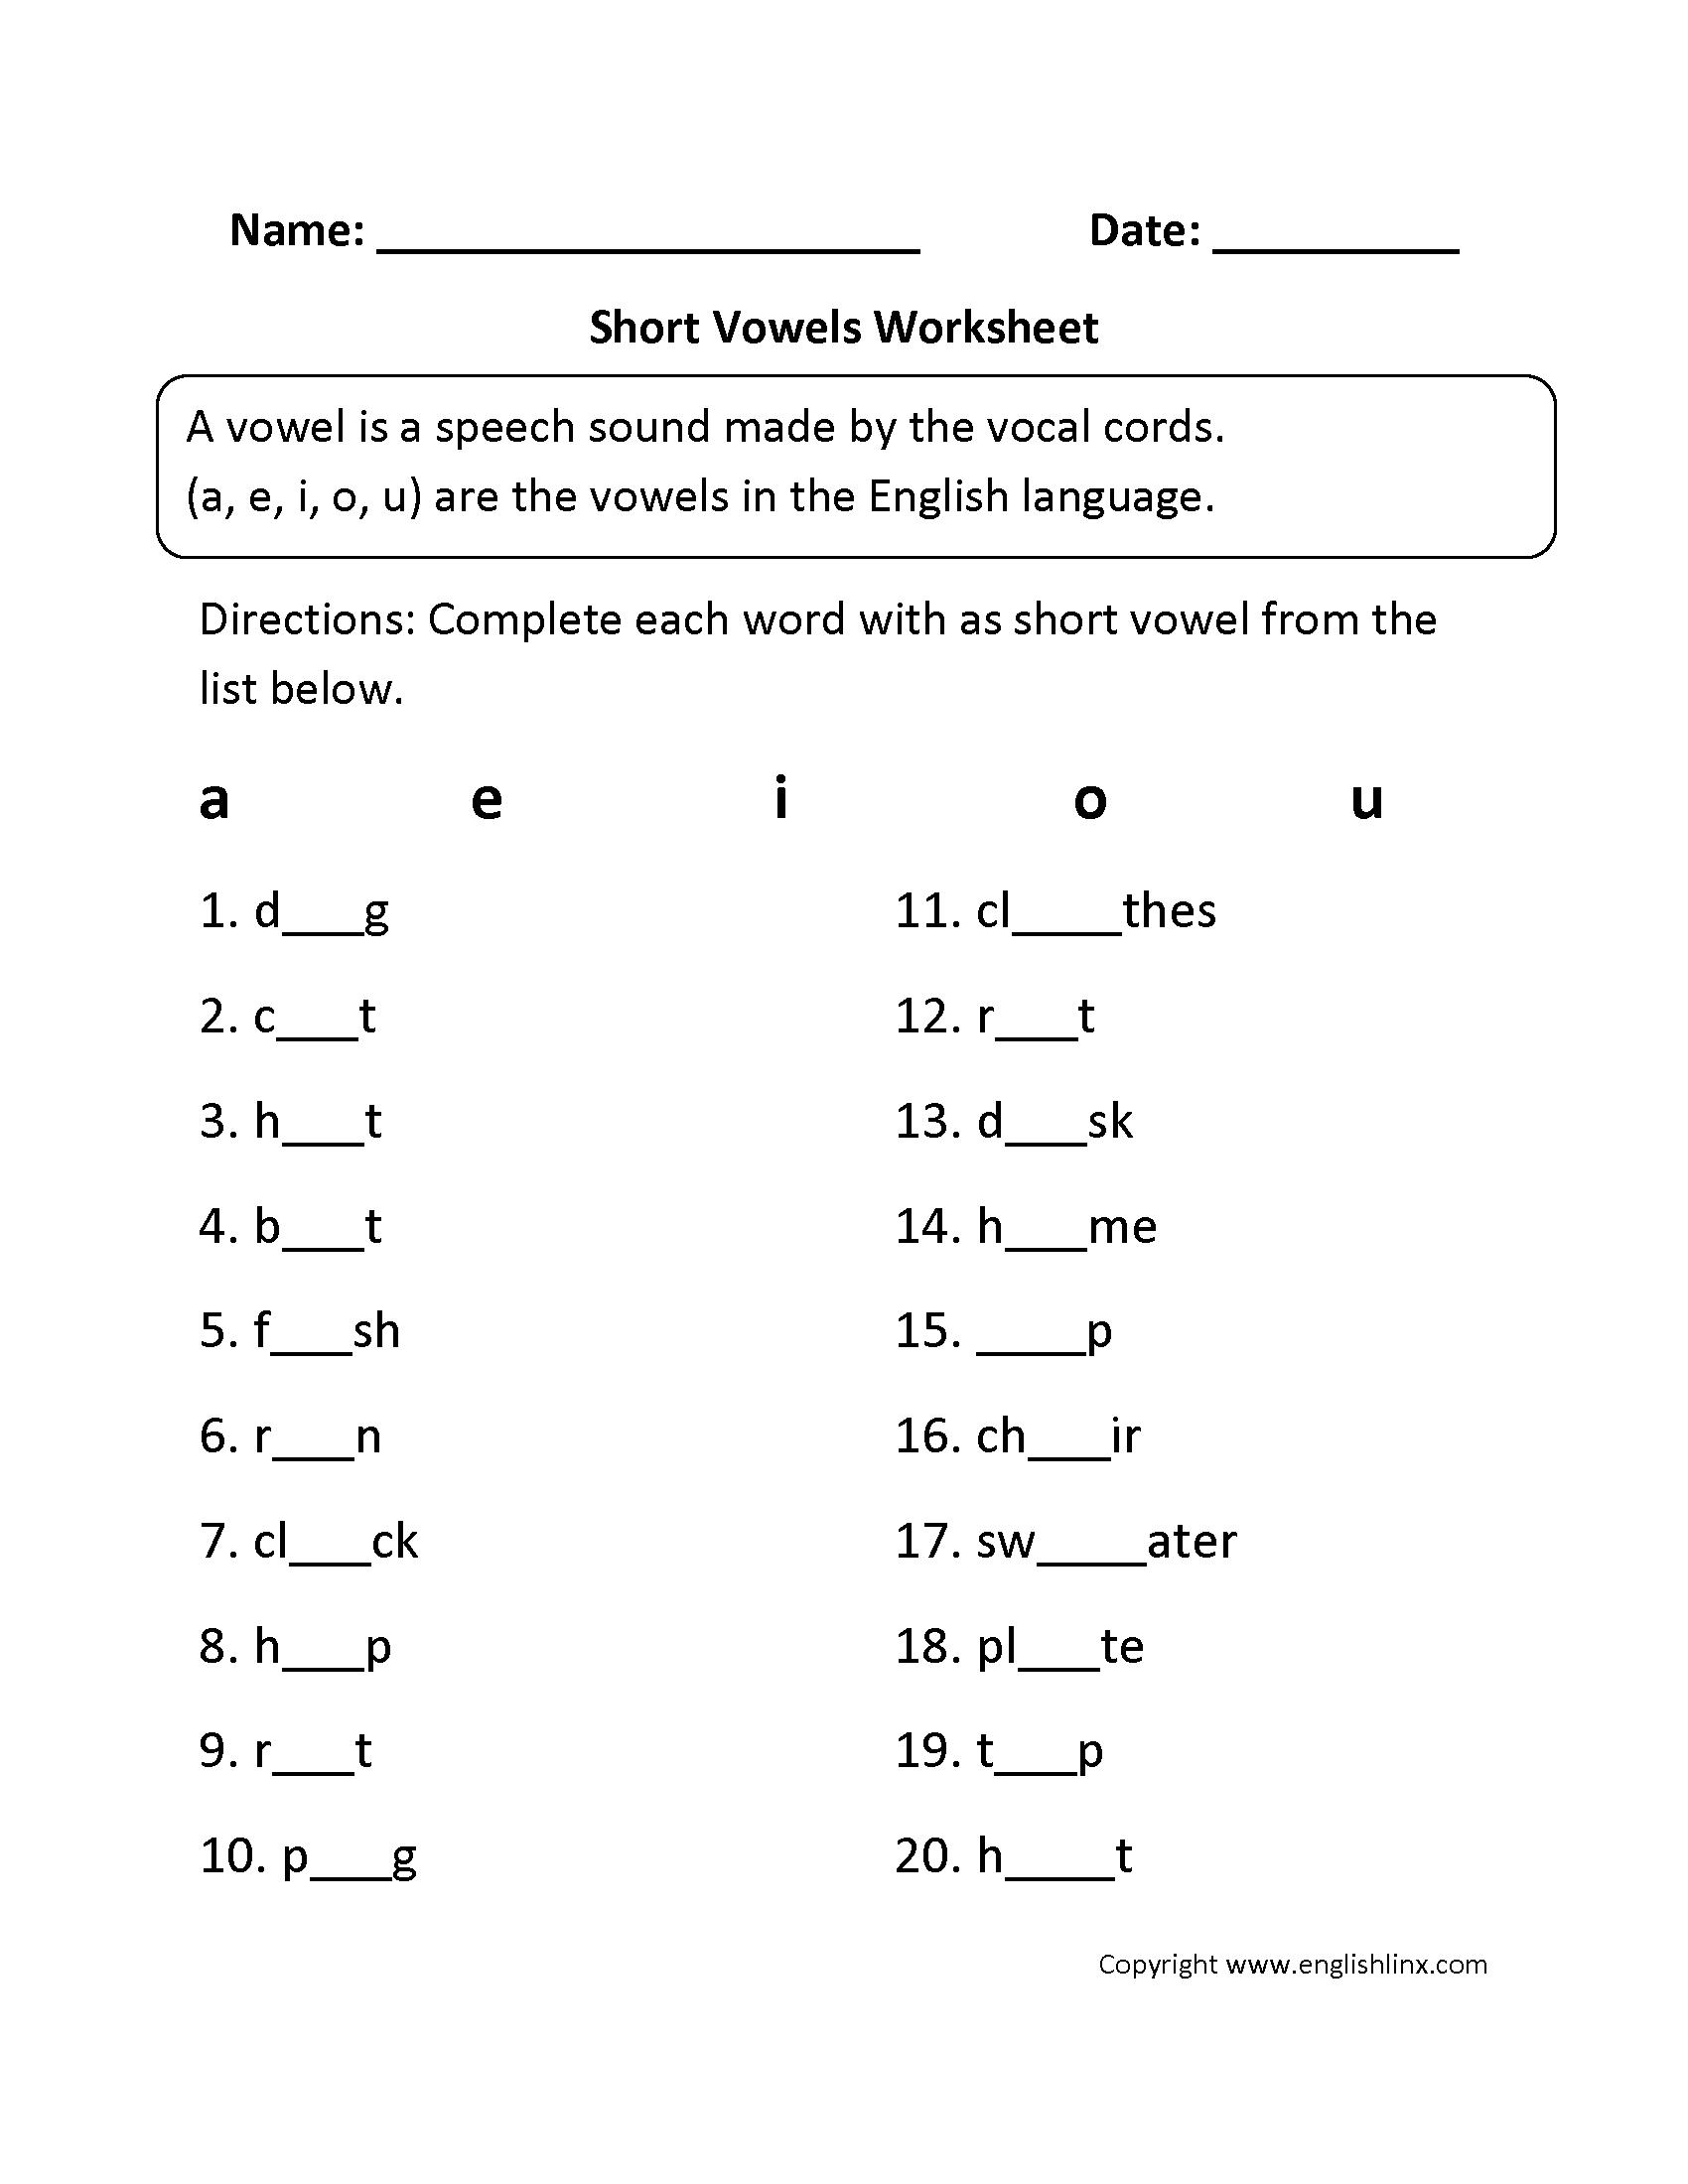 Vowel Worksheets 2nd Grade The Best Worksheets Image Collection